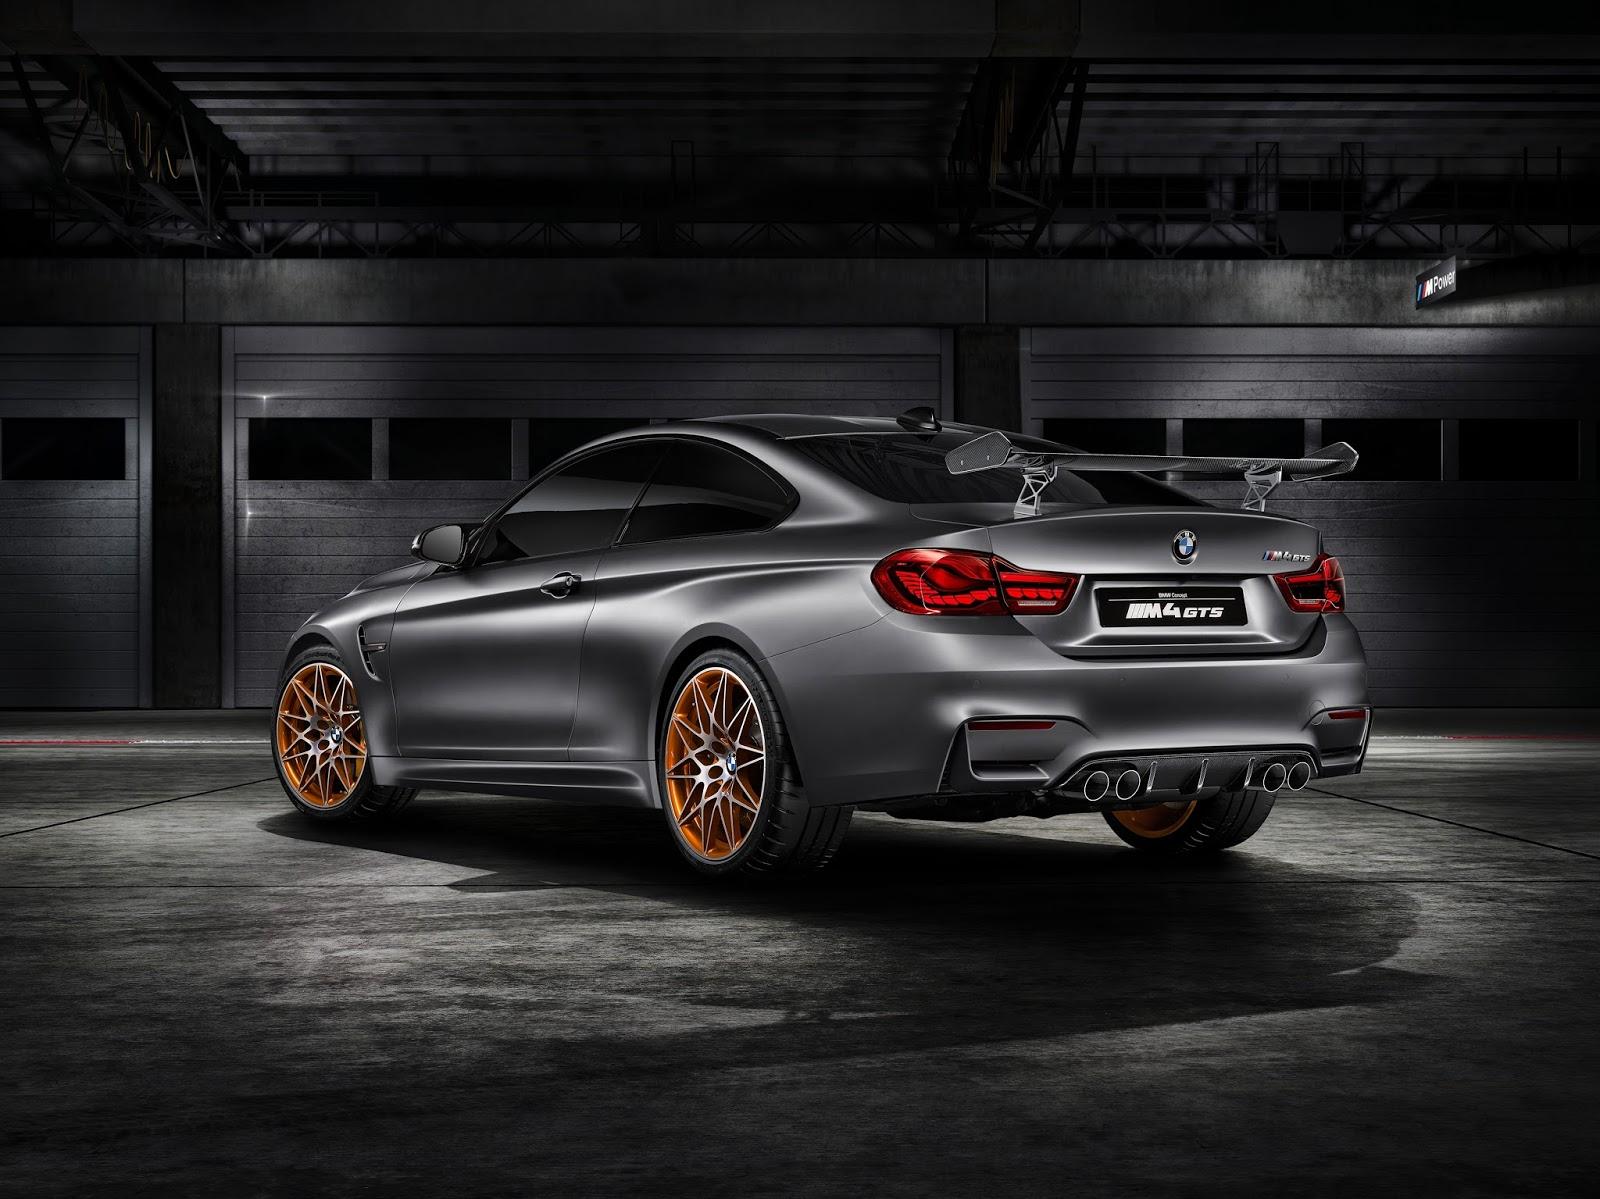 m43 Με τη Μ4 GTS, η BMW πέταξε το γάντι στη Giulia